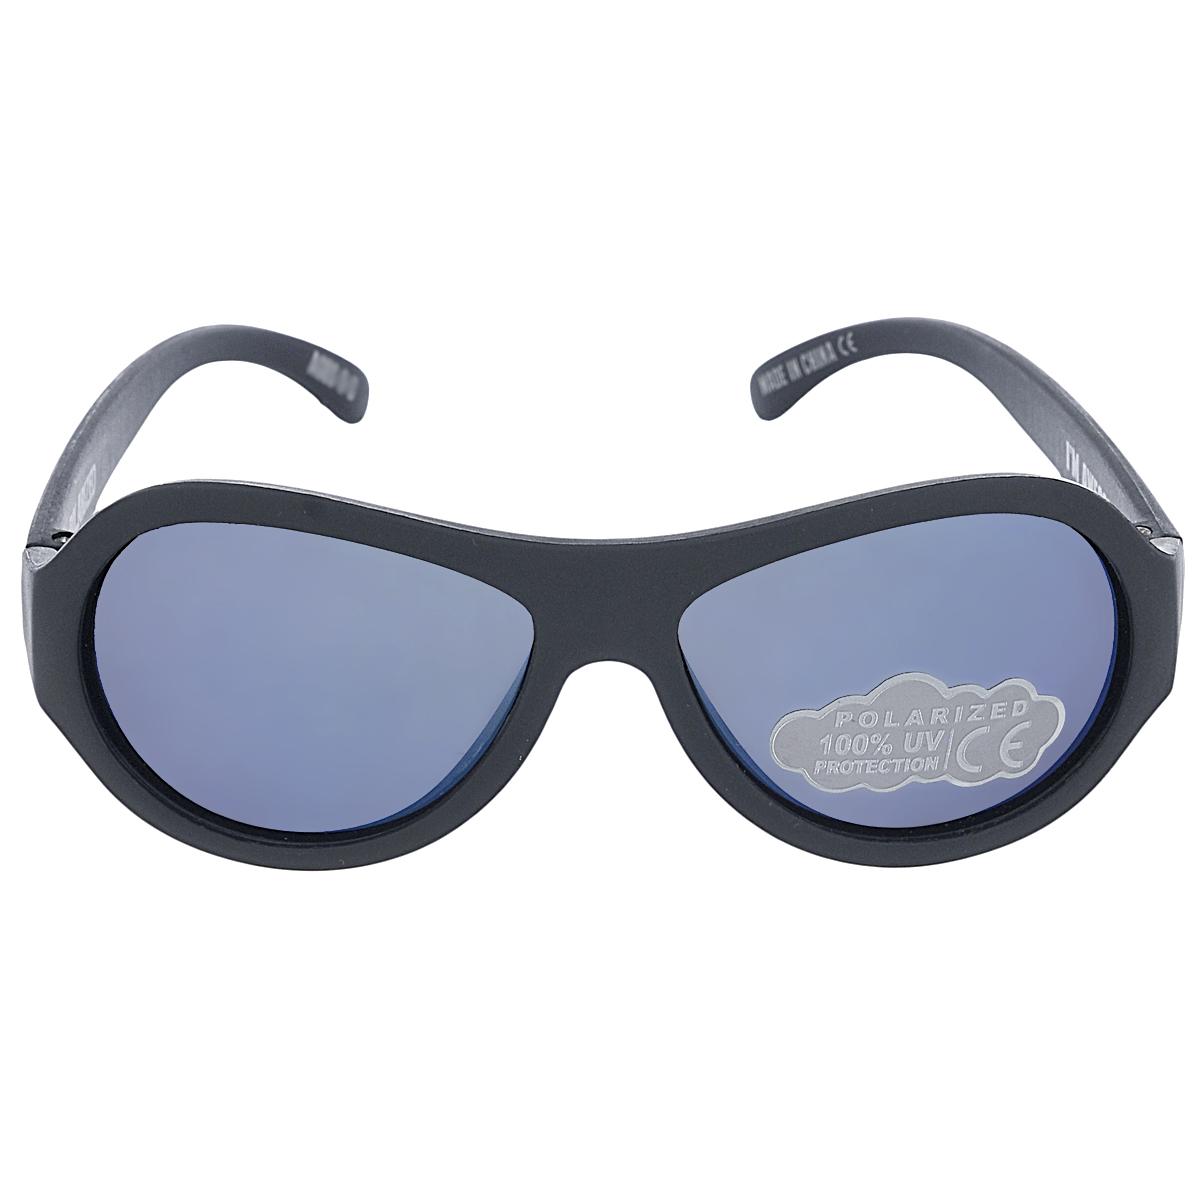 Детские солнцезащитные очки Babiators Спецназ (Black Ops), поляризационные, с футляром, цвет: черный, 0-3 лет632.4000.10 RedЗащита глаз всегда в моде.Вы делаете все возможное, чтобы ваши дети были здоровы и в безопасности. Шлемы для езды на велосипеде, солнцезащитный крем для прогулок на солнце... Но как насчёт влияния солнца на глазах вашего ребёнка? Правда в том, что сетчатка глаза у детей развивается вместе с самим ребёнком. Это означает, что глаза малышей не могут отфильтровать УФ-излучение. Добавьте к этому тот факт, что дети за год получают трёхкратную дозу солнечного воздействия на взрослого человека (доклад Vision Council Report 2013, США). Проблема понятна - детям нужна настоящая защита, чтобы глазки были в безопасности, а зрение сильным.Каждая пара солнцезащитных очков Babiators для детей обеспечивает 100% защиту от UVA и UVB. Прочные линзы высшего качества не подведут в самых сложных переделках. В отличие от обычных пластиковых очков, оправа Babiators выполнена из гибкого прорезиненного материала, что делает их ударопрочными, их можно сгибать и крутить - они не сломаются и вернутся в прежнюю форму. Не бойтесь, что ребёнок сядет на них - они всё выдержат. Очки доступны в двух размерах: Junior (от 6 месяцев до 3 лет) и Classic (3-7+ лет). Прилагается стильный твердый чехол с замком в виде облачка. Будьте уверены, что очки Babiators созданы безопасными, прочными и классными, так что вы и ваш маленький лётчик можете приступать к своим приключениям!